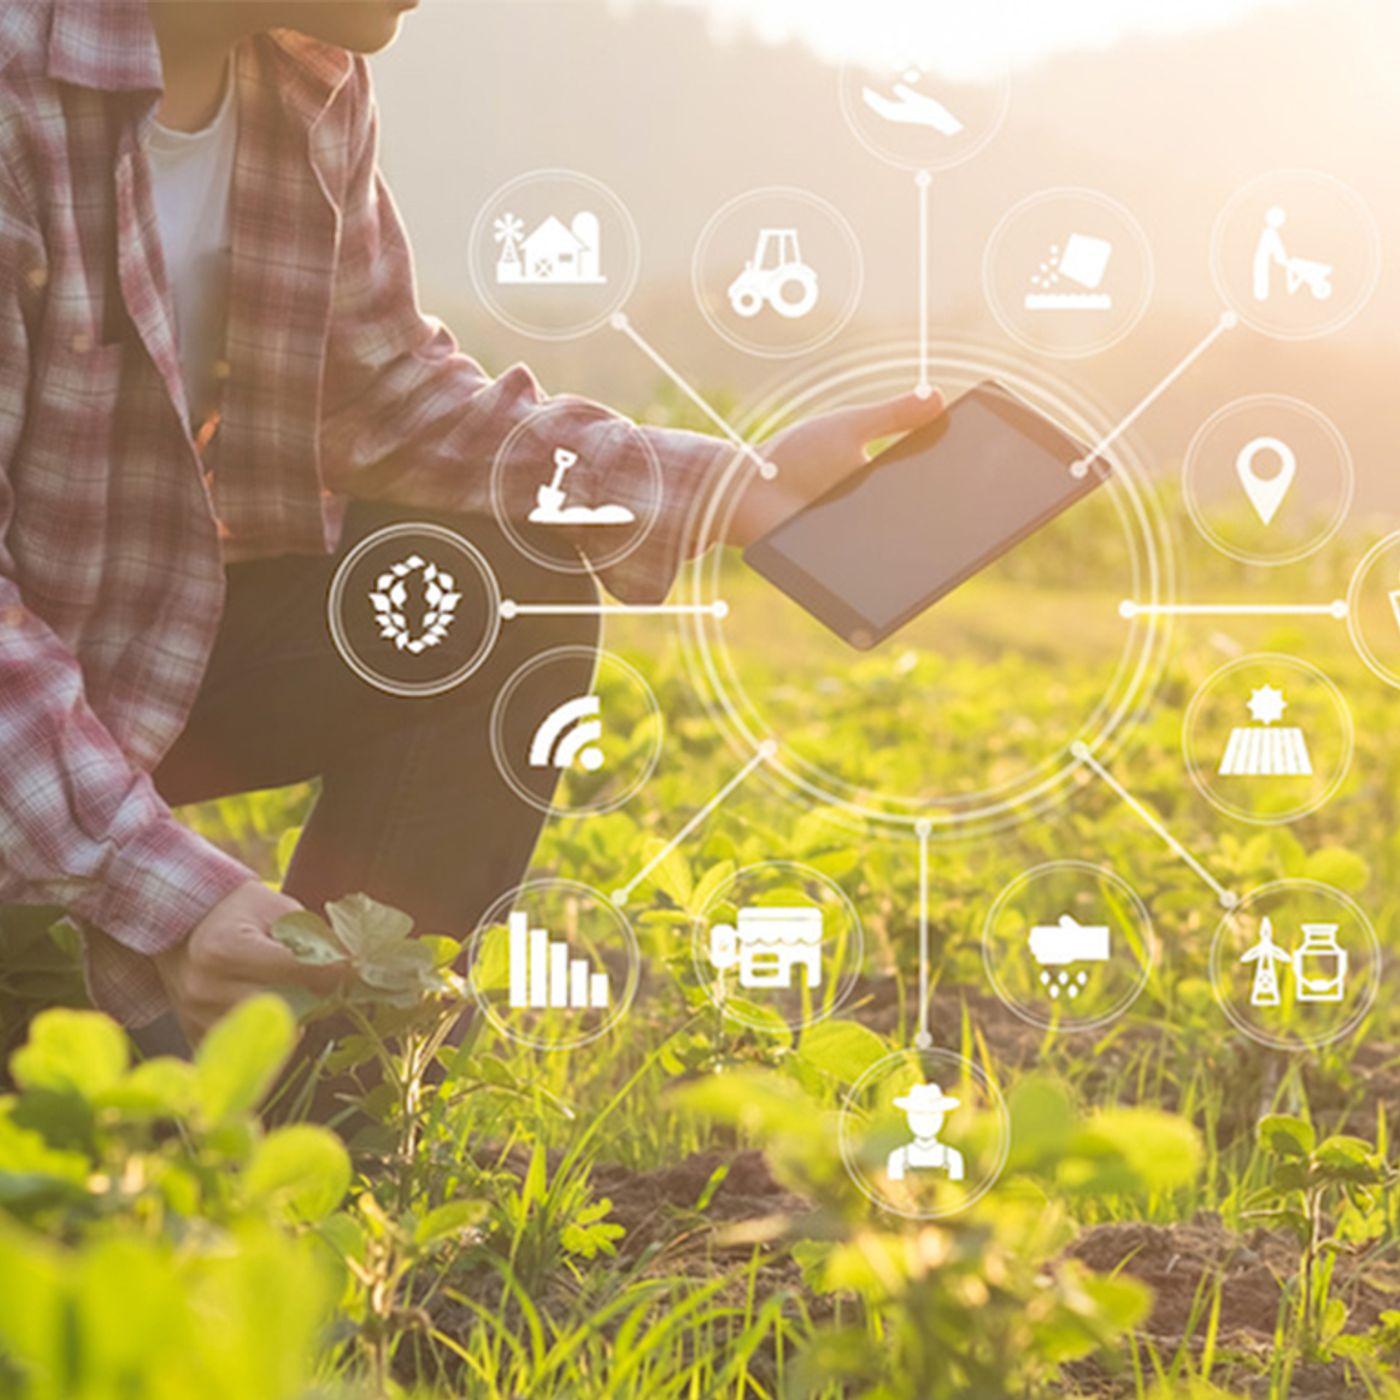 RADIO ANTARES VISION - Il potenziale dell'AI nel settore agroalimentare verso una prospettiva globale in termini di sostenibilità